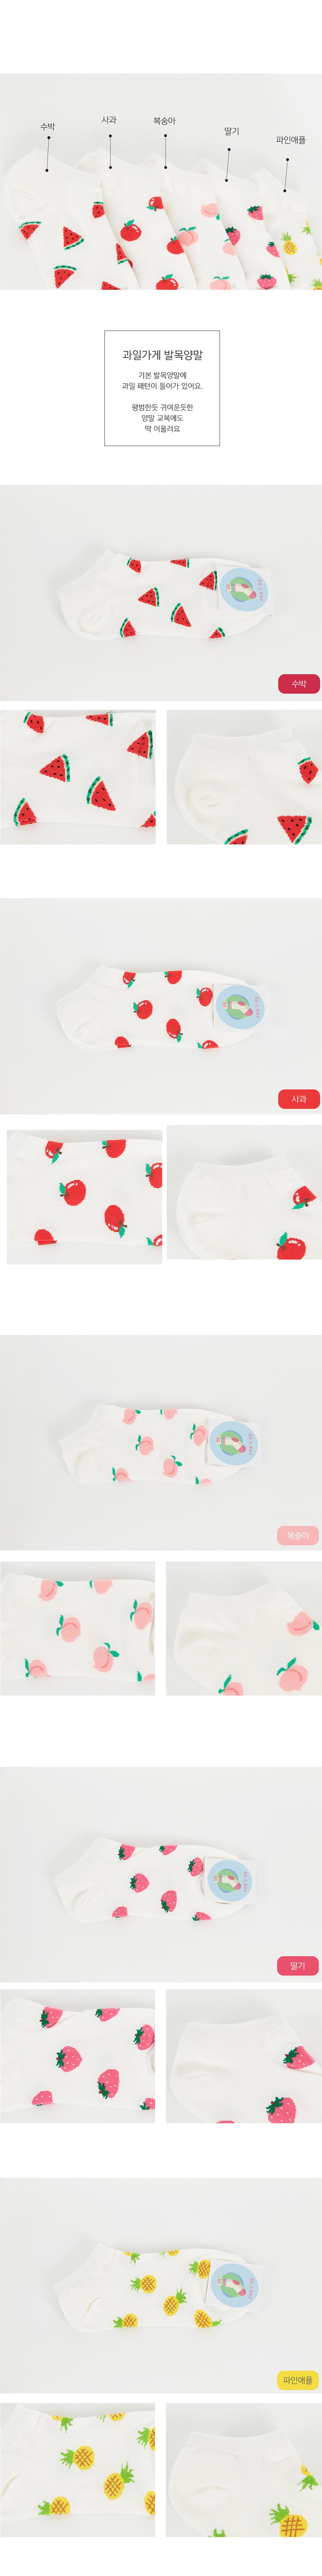 과일가게 발목양말 - 교복몰, 1,700원, 여성양말, 패션양말